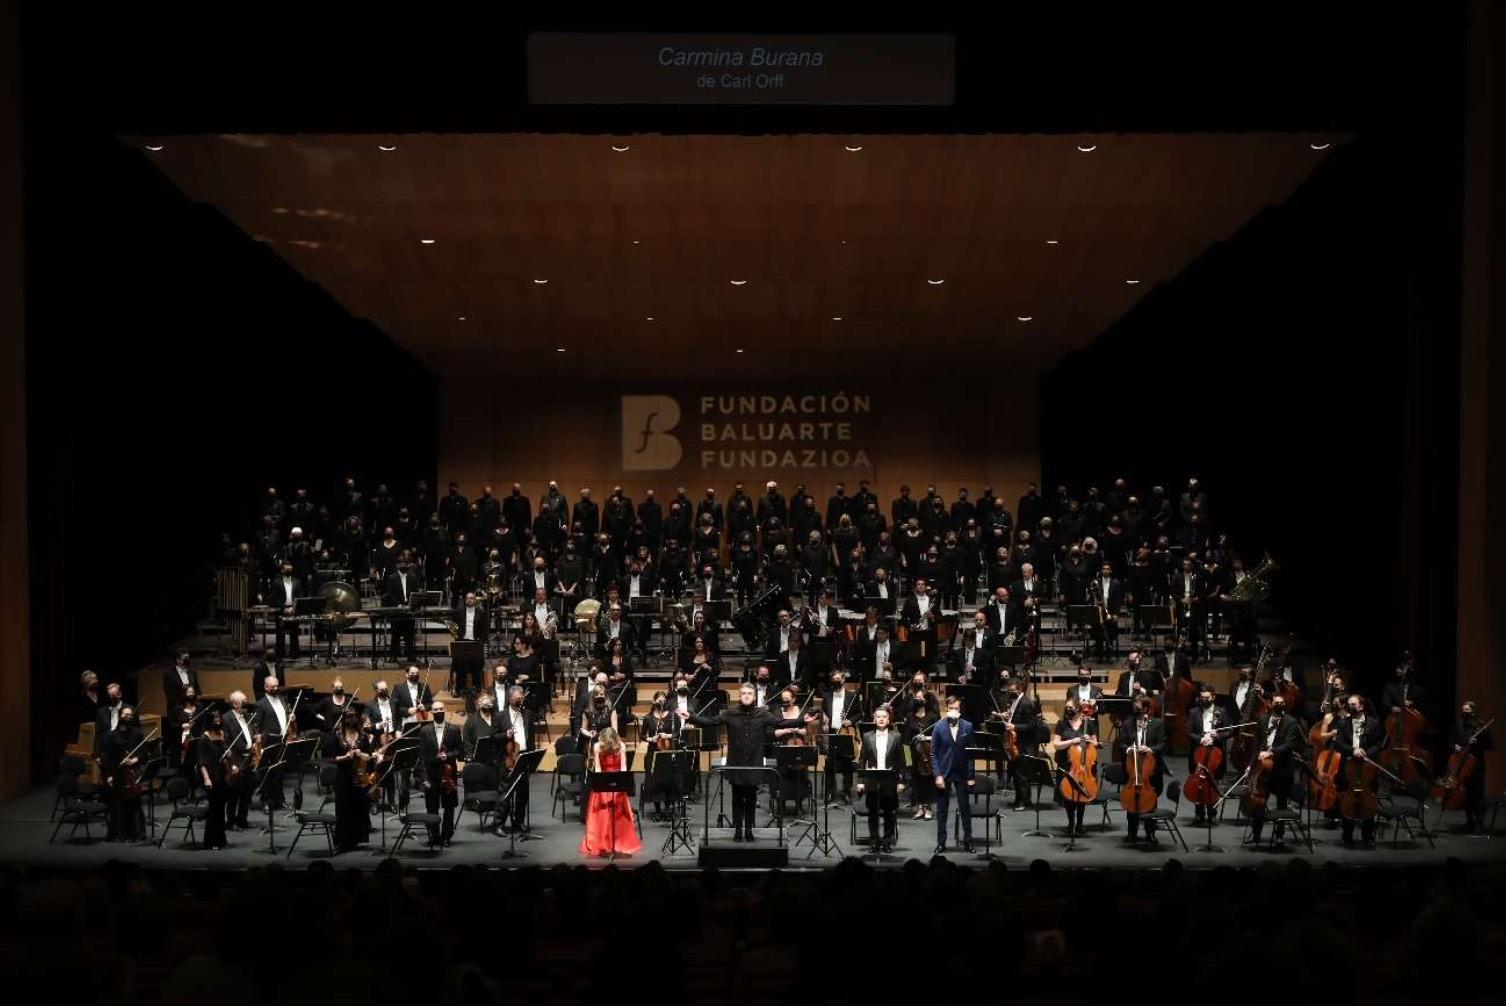 Crítica: Brillante Carmina Burana en Pamplona